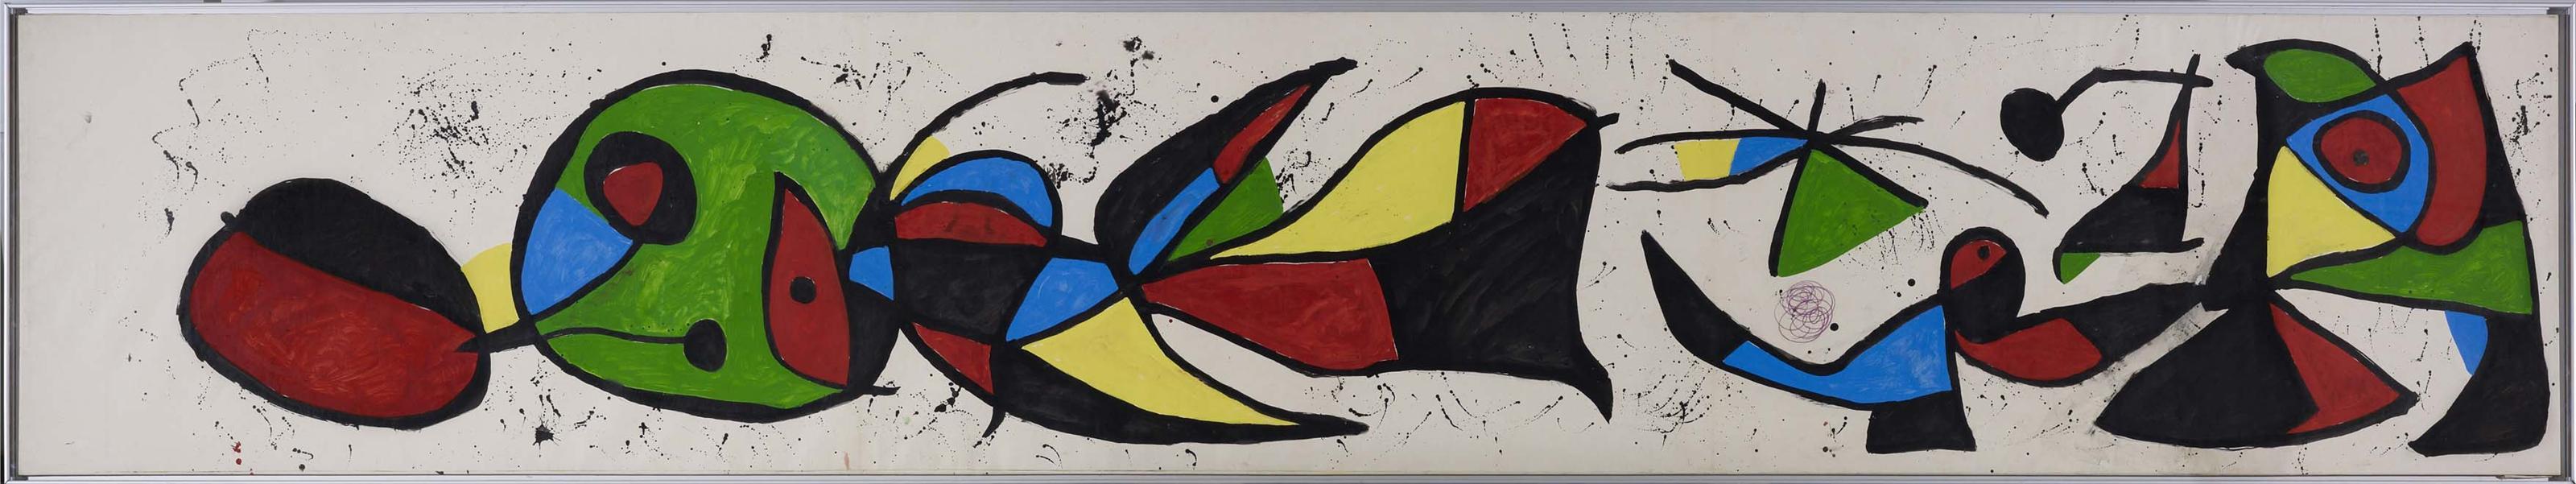 Joan Miró - Boceto para mural en el Palacio de Congresos